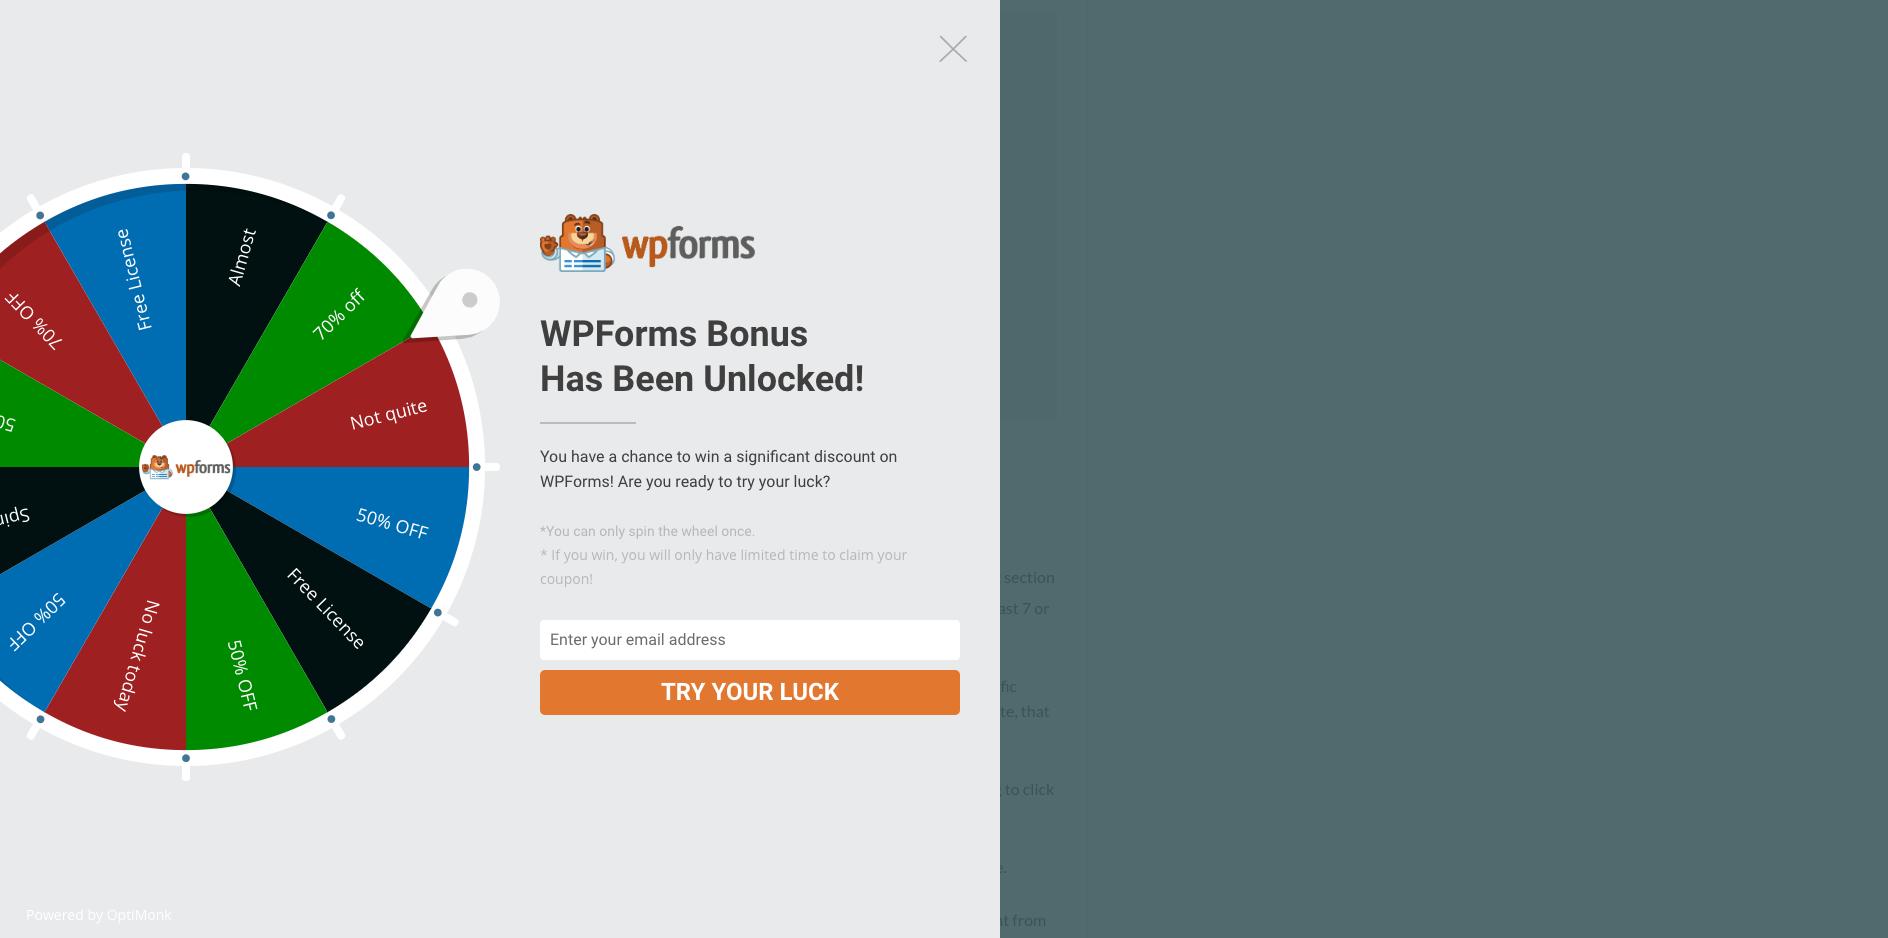 screenshot-wpforms.com-2018.12.03-20-16-59